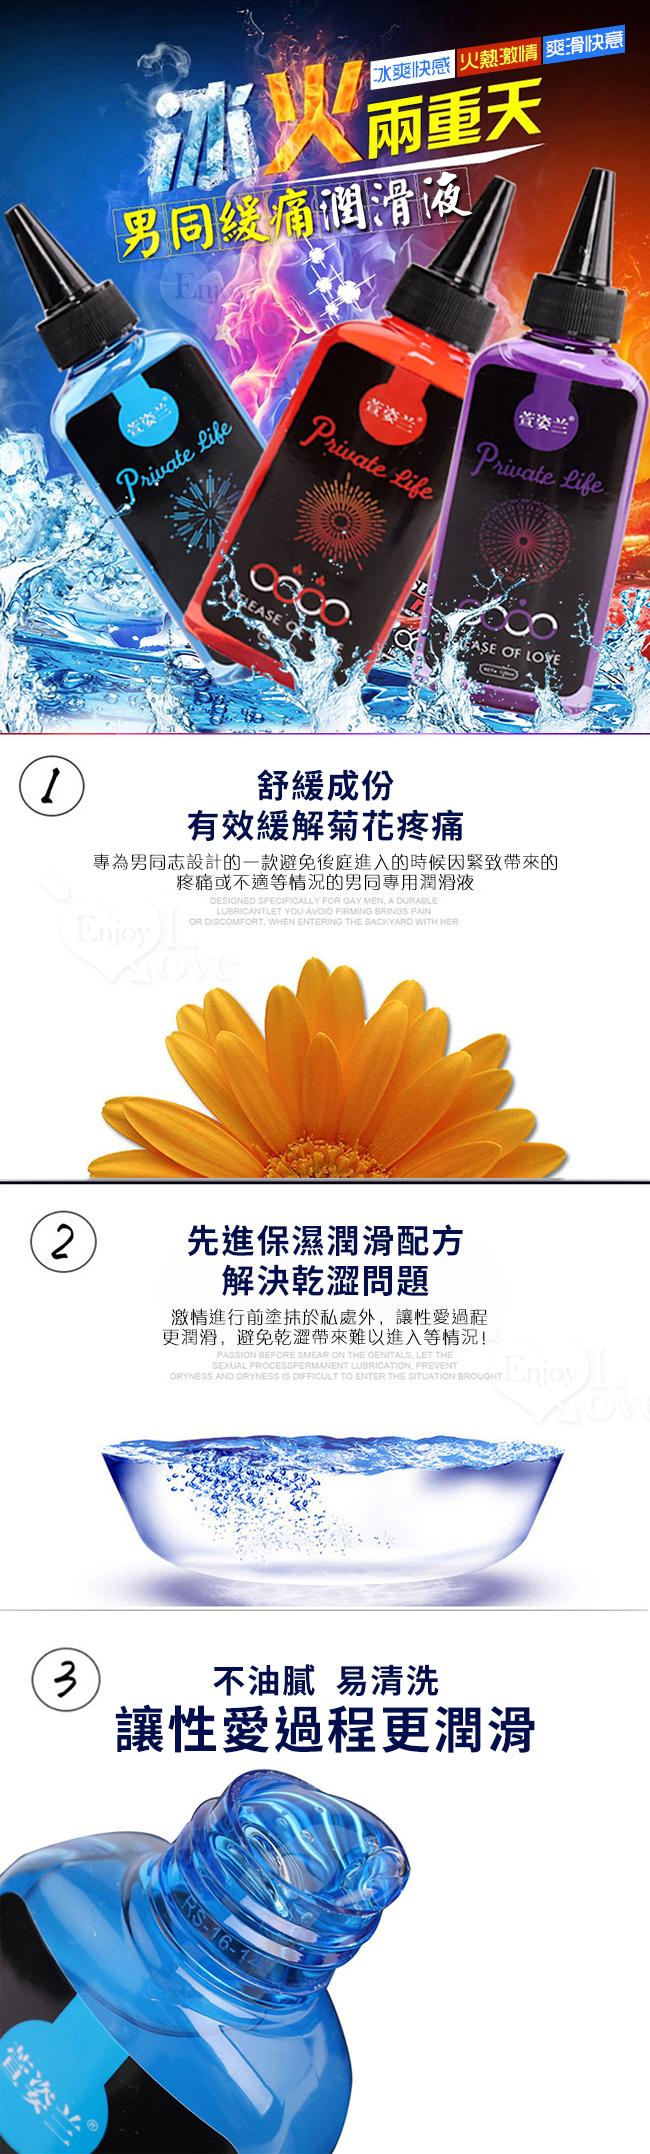 Xun Z Lan‧男同後庭肛交專用潤滑液 120ml﹝快感﹞